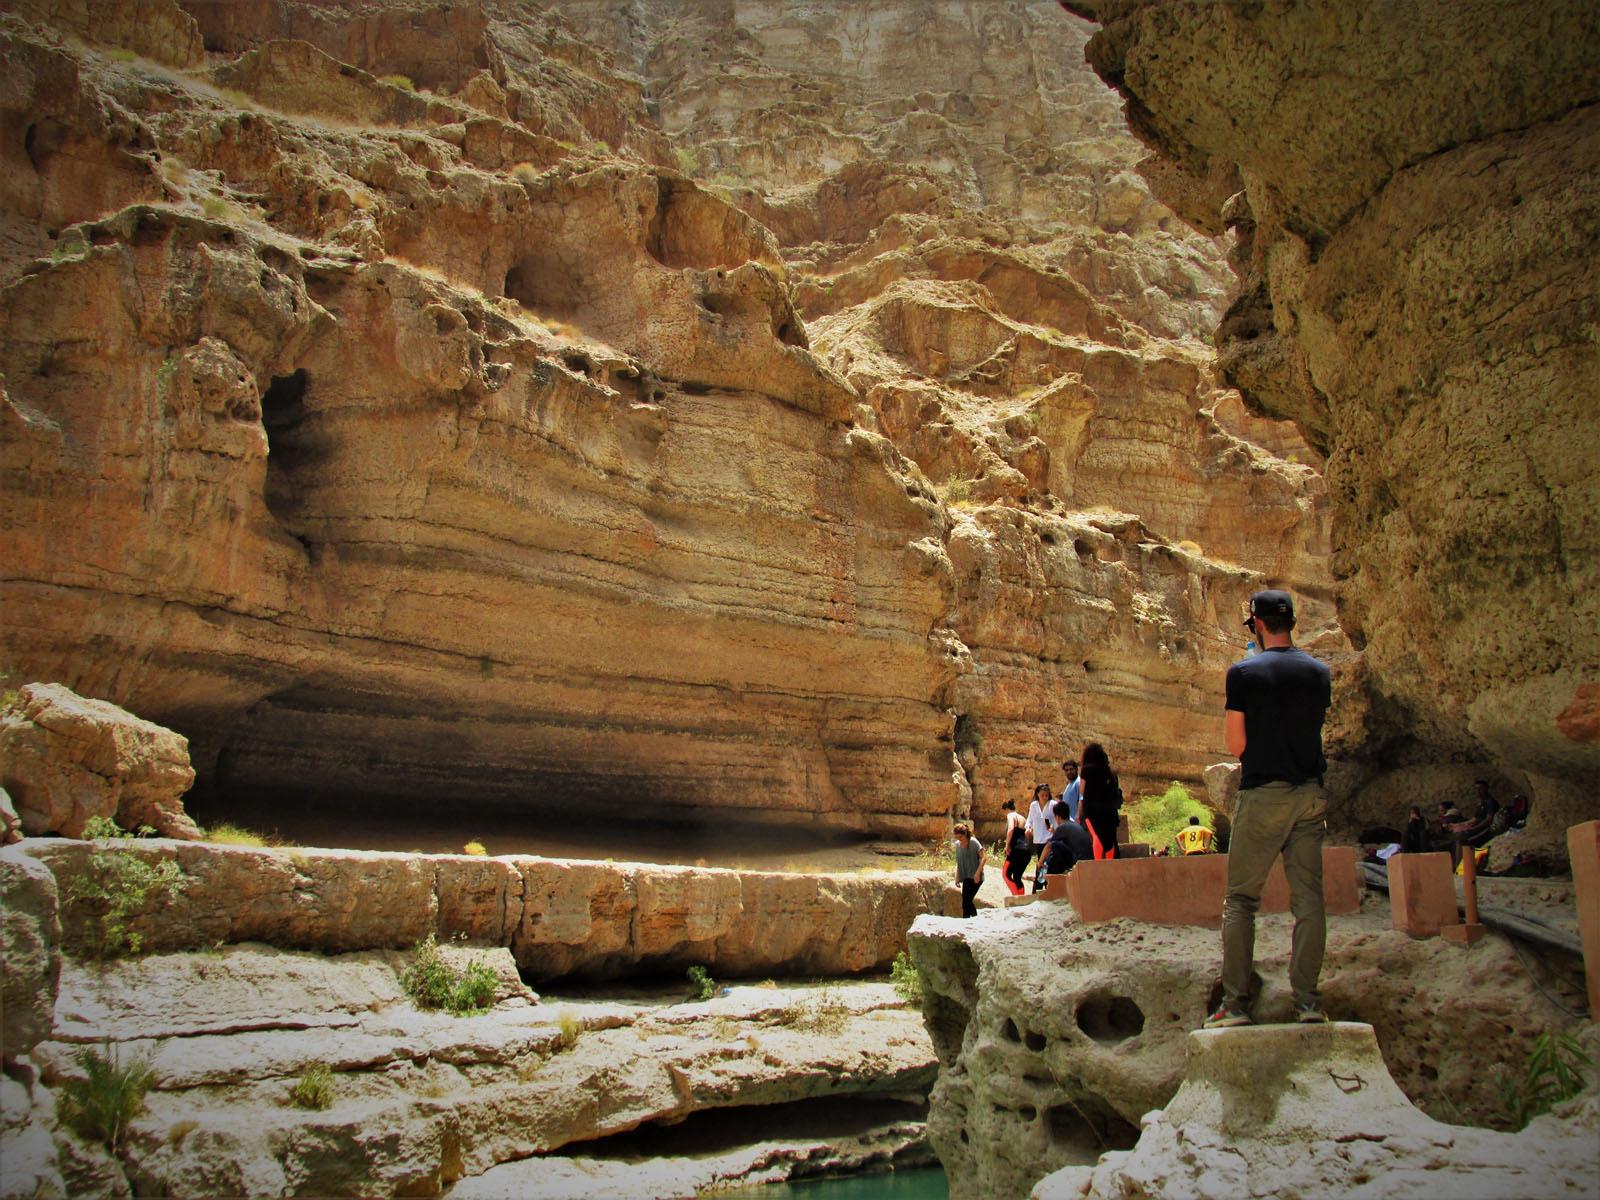 Wandering through earth's hidden valleys, Wadi Shaab, Oman